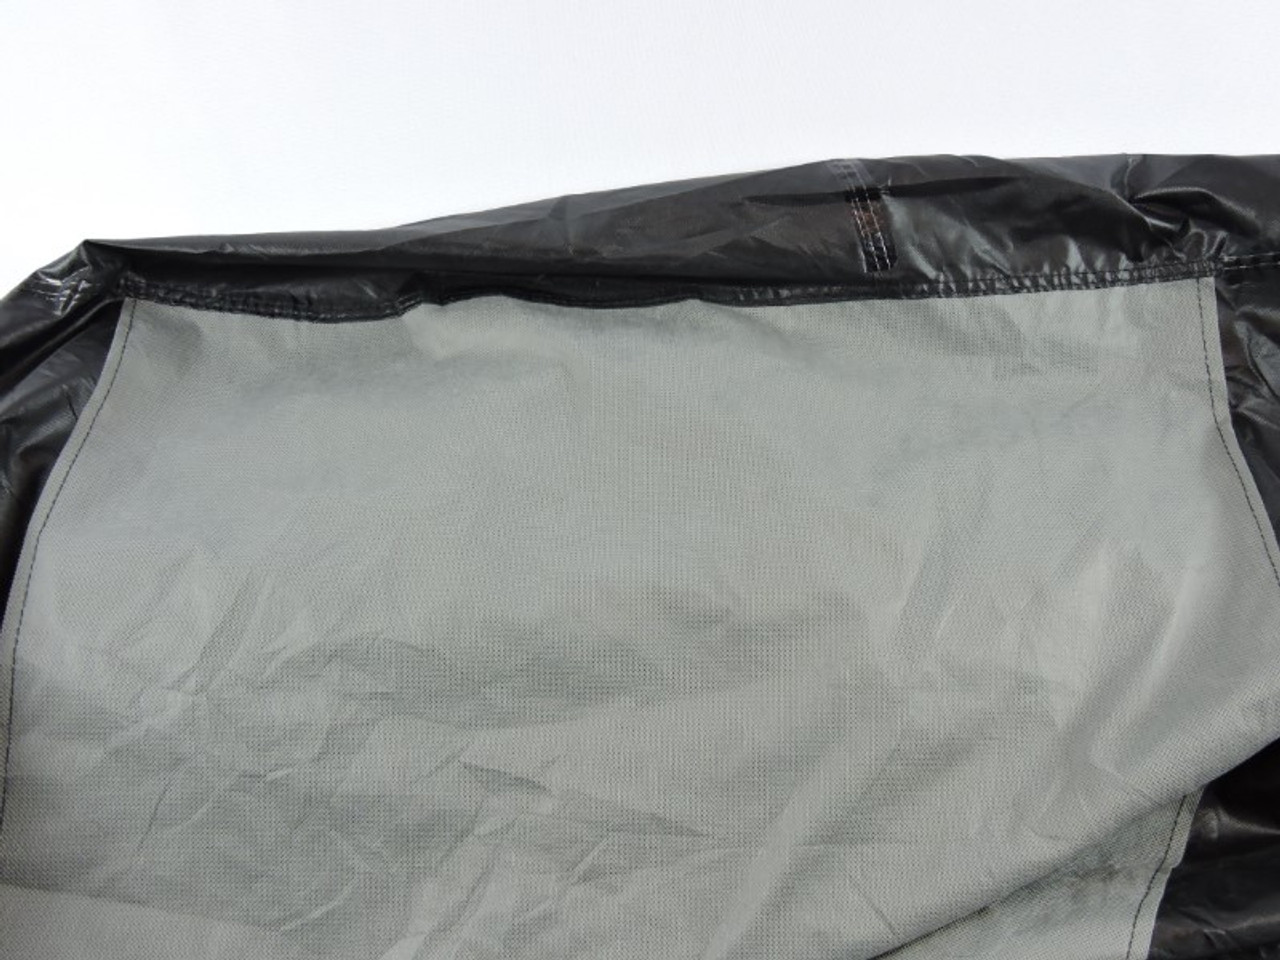 Soft non-woven windscreen inner liner.